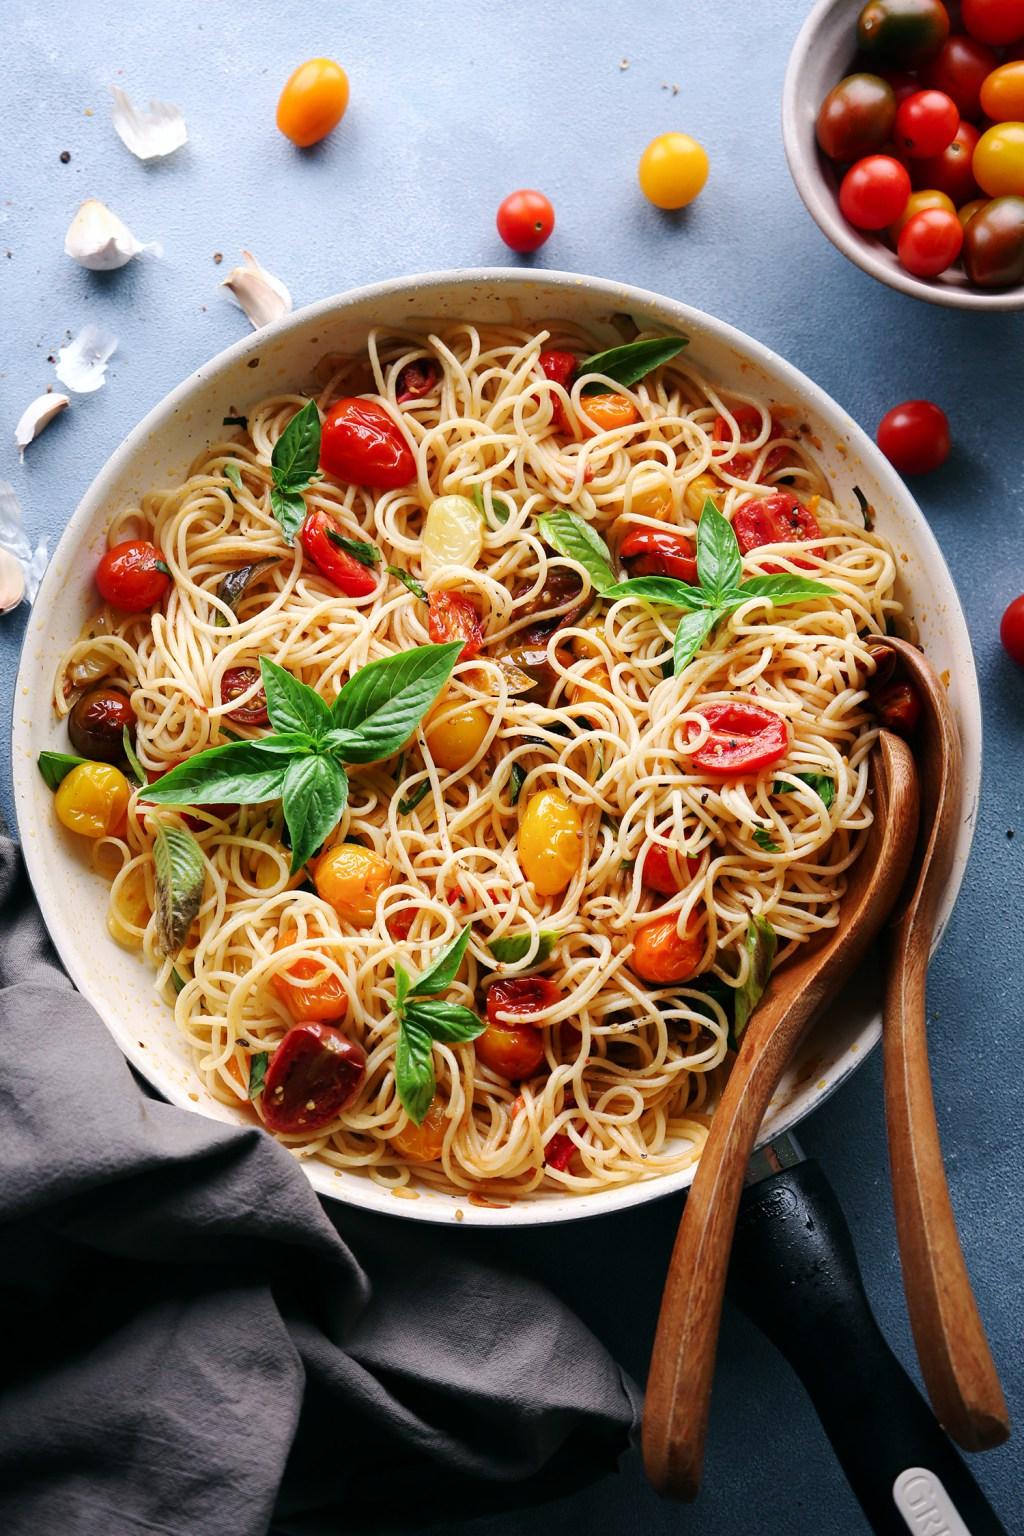 Burst-Tomato-Pasta-Vegan-with-Gluten-Free-Option (1).jpg